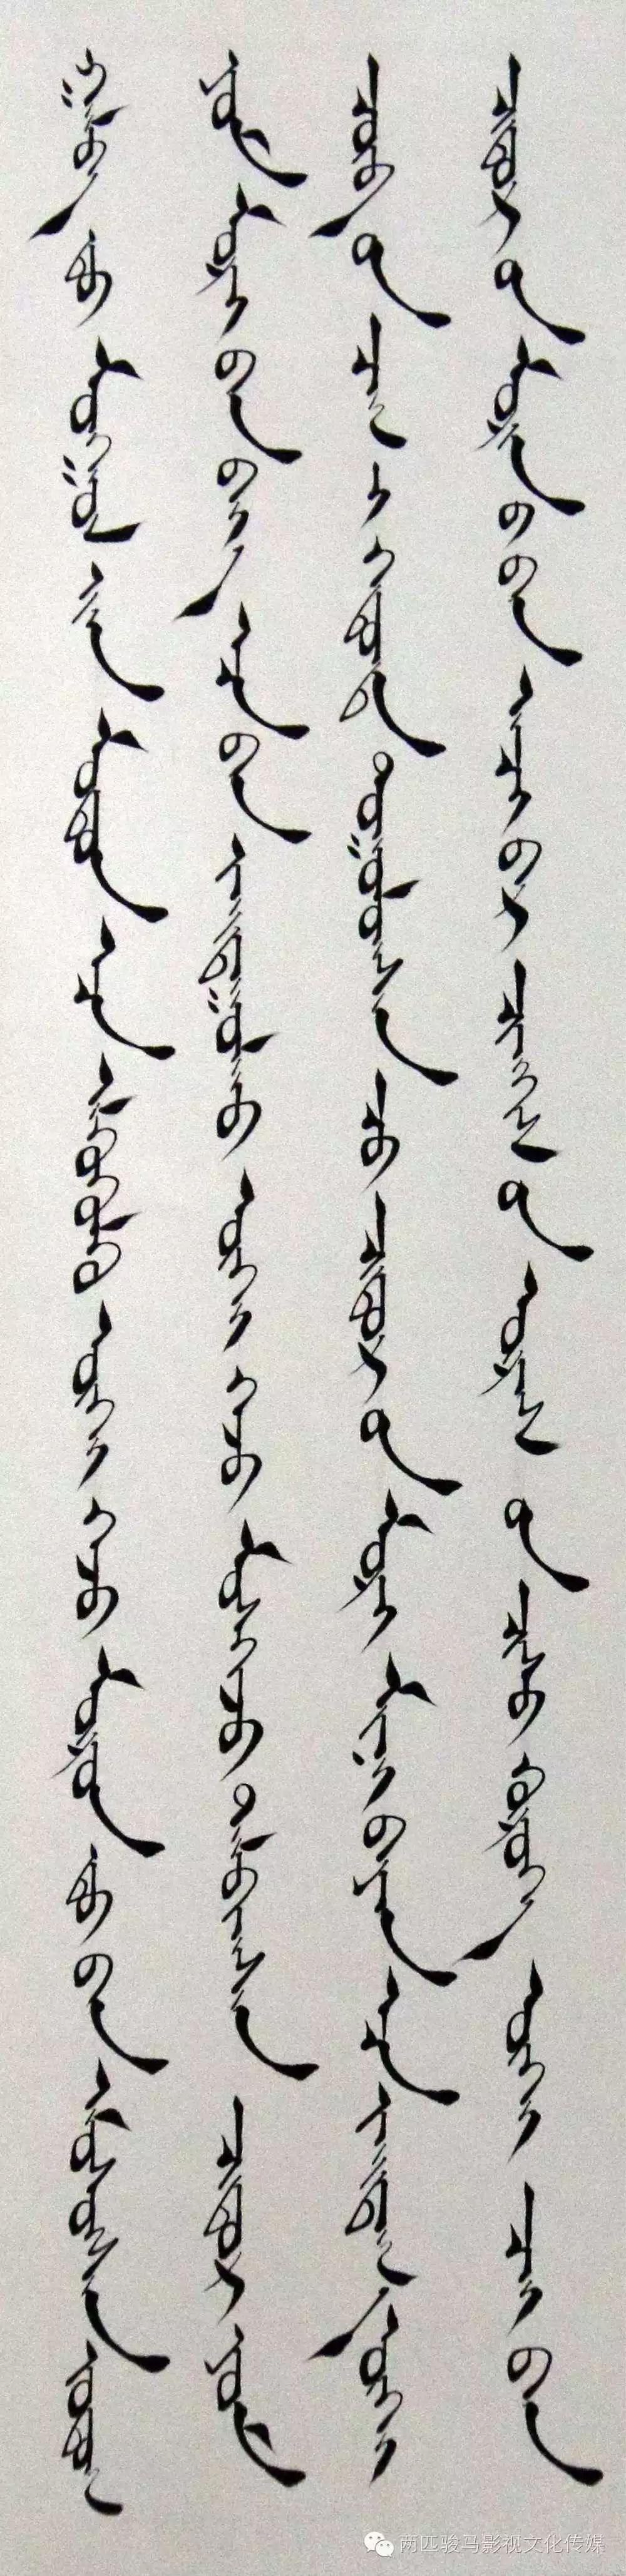 【艺术】2016年通辽市蒙古文书法大赛获奖作品欣赏